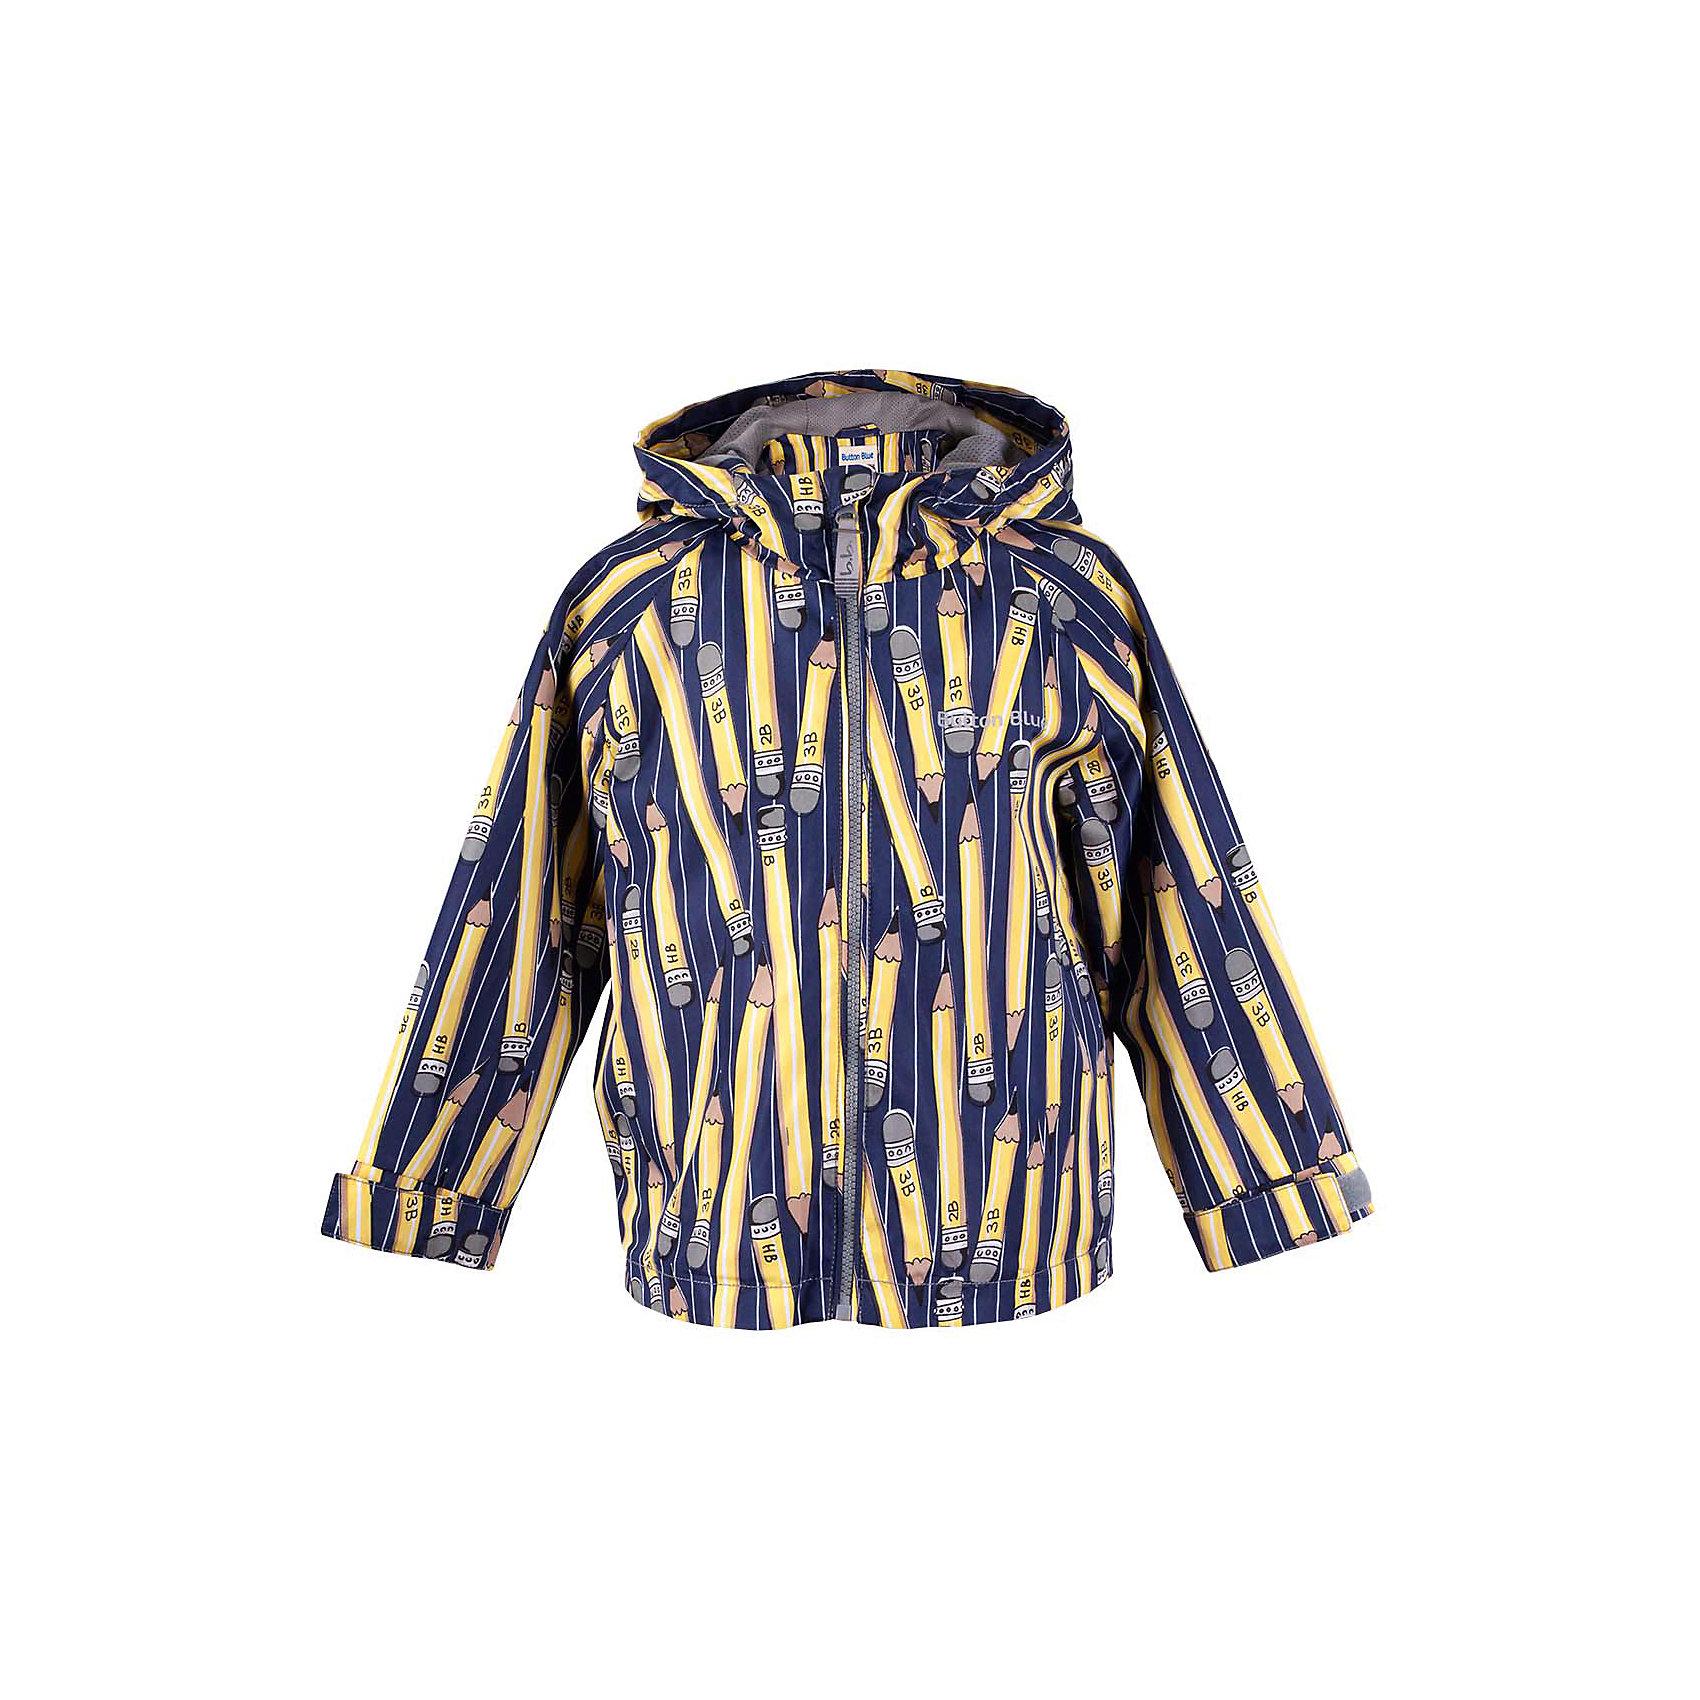 Куртка для мальчика  BUTTON BLUEВерхняя одежда<br>Куртка для мальчика  BUTTON BLUE<br>Отличная ветровка для мальчика понравится всем любителям активных прогулок! Ветровка сделана с соблюдением технологических особенностей производства спортивной одежды. Она не промокает, специальная подкладка создает комфорт при длительной носке, светоотражающие элементы обеспечивают безопасность ребенка. Водоотталкивающая ткань с оригинальным принтом делает ветровку запоминающейся. Если вы хотите купить отличную детскую ветровку недорого и не сомневаться в ее качестве и комфорте, ветровка от Button Blue - то, что вам нужно!<br>Состав:<br>Ткань  верха: 100% полиэстер, подклад: 100% полиэстер<br><br>Ширина мм: 356<br>Глубина мм: 10<br>Высота мм: 245<br>Вес г: 519<br>Цвет: синий<br>Возраст от месяцев: 48<br>Возраст до месяцев: 60<br>Пол: Мужской<br>Возраст: Детский<br>Размер: 110,116,122,128,134,140,146,152,158,98,104<br>SKU: 5524093